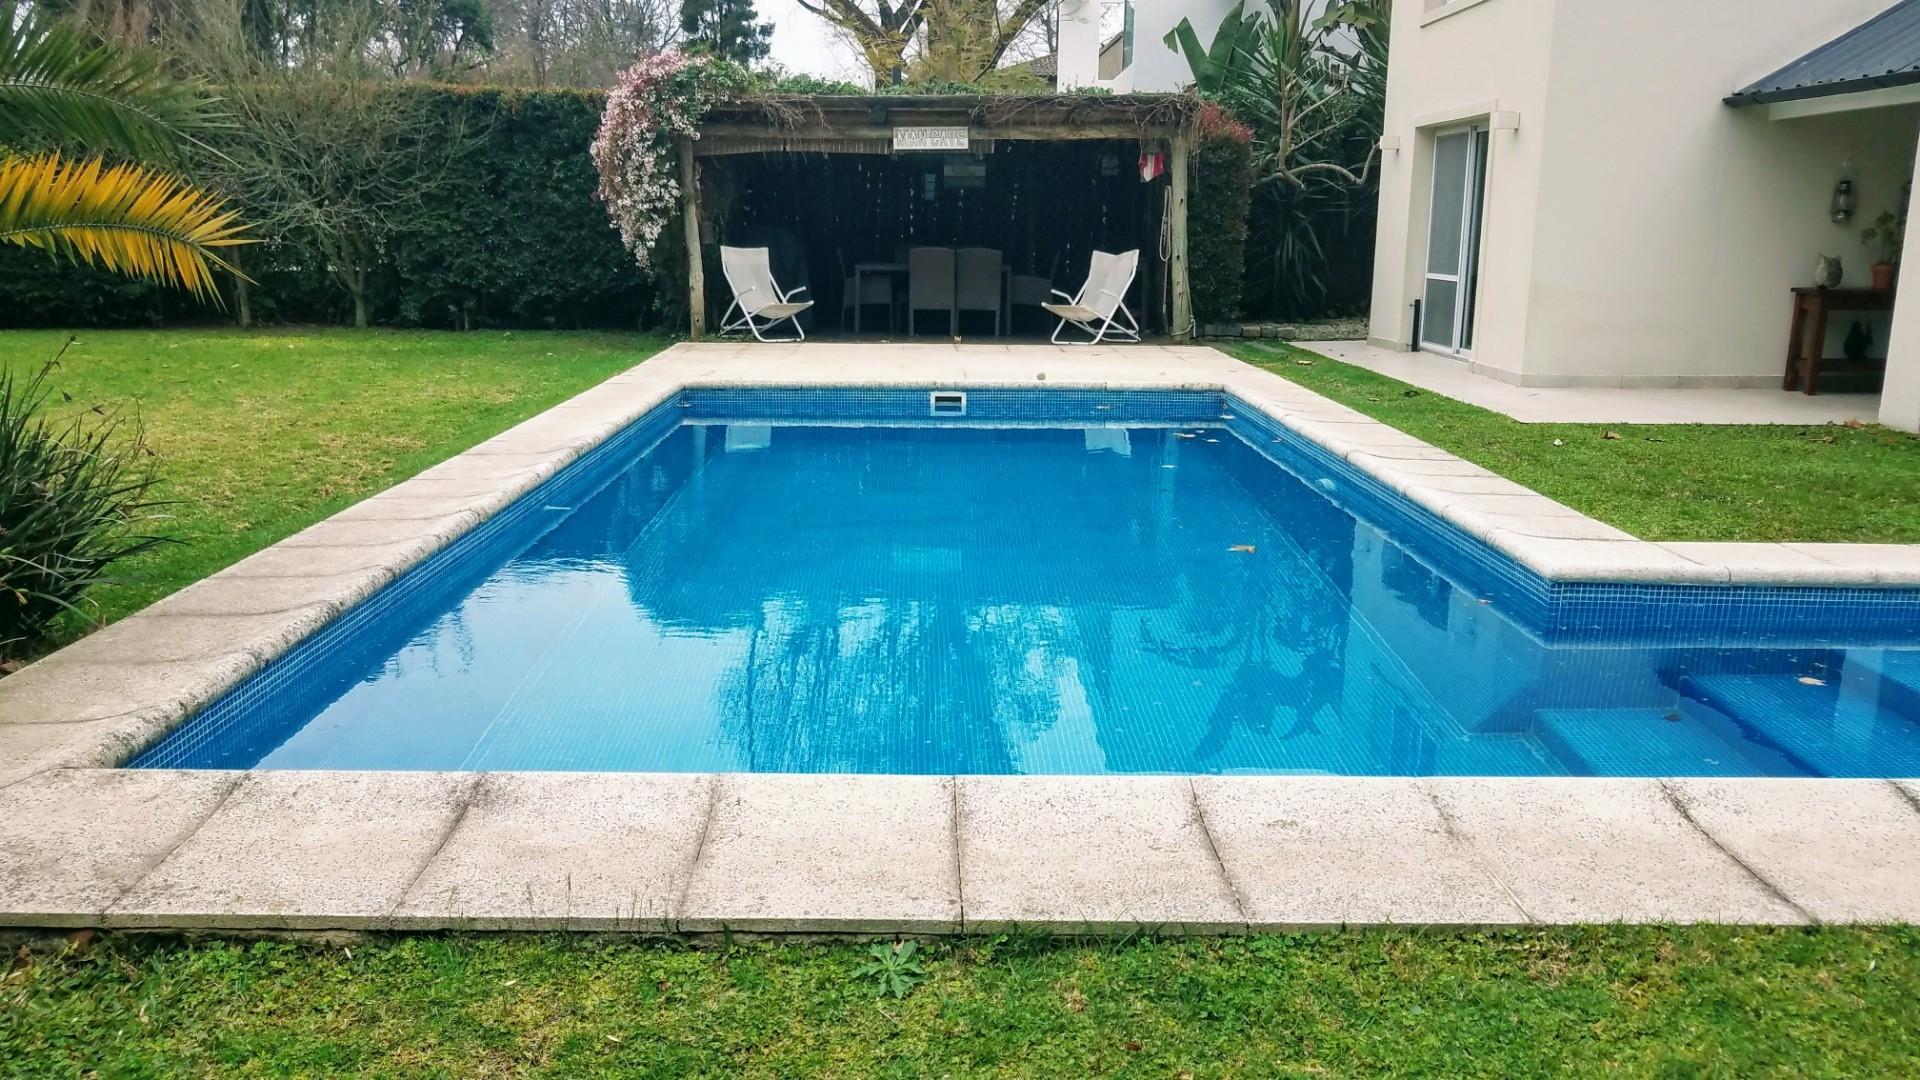 - Espectacular casa de muy  buen gusto, onda  y calidad, ubicada en una muy lindo lugar! - - Foto 24